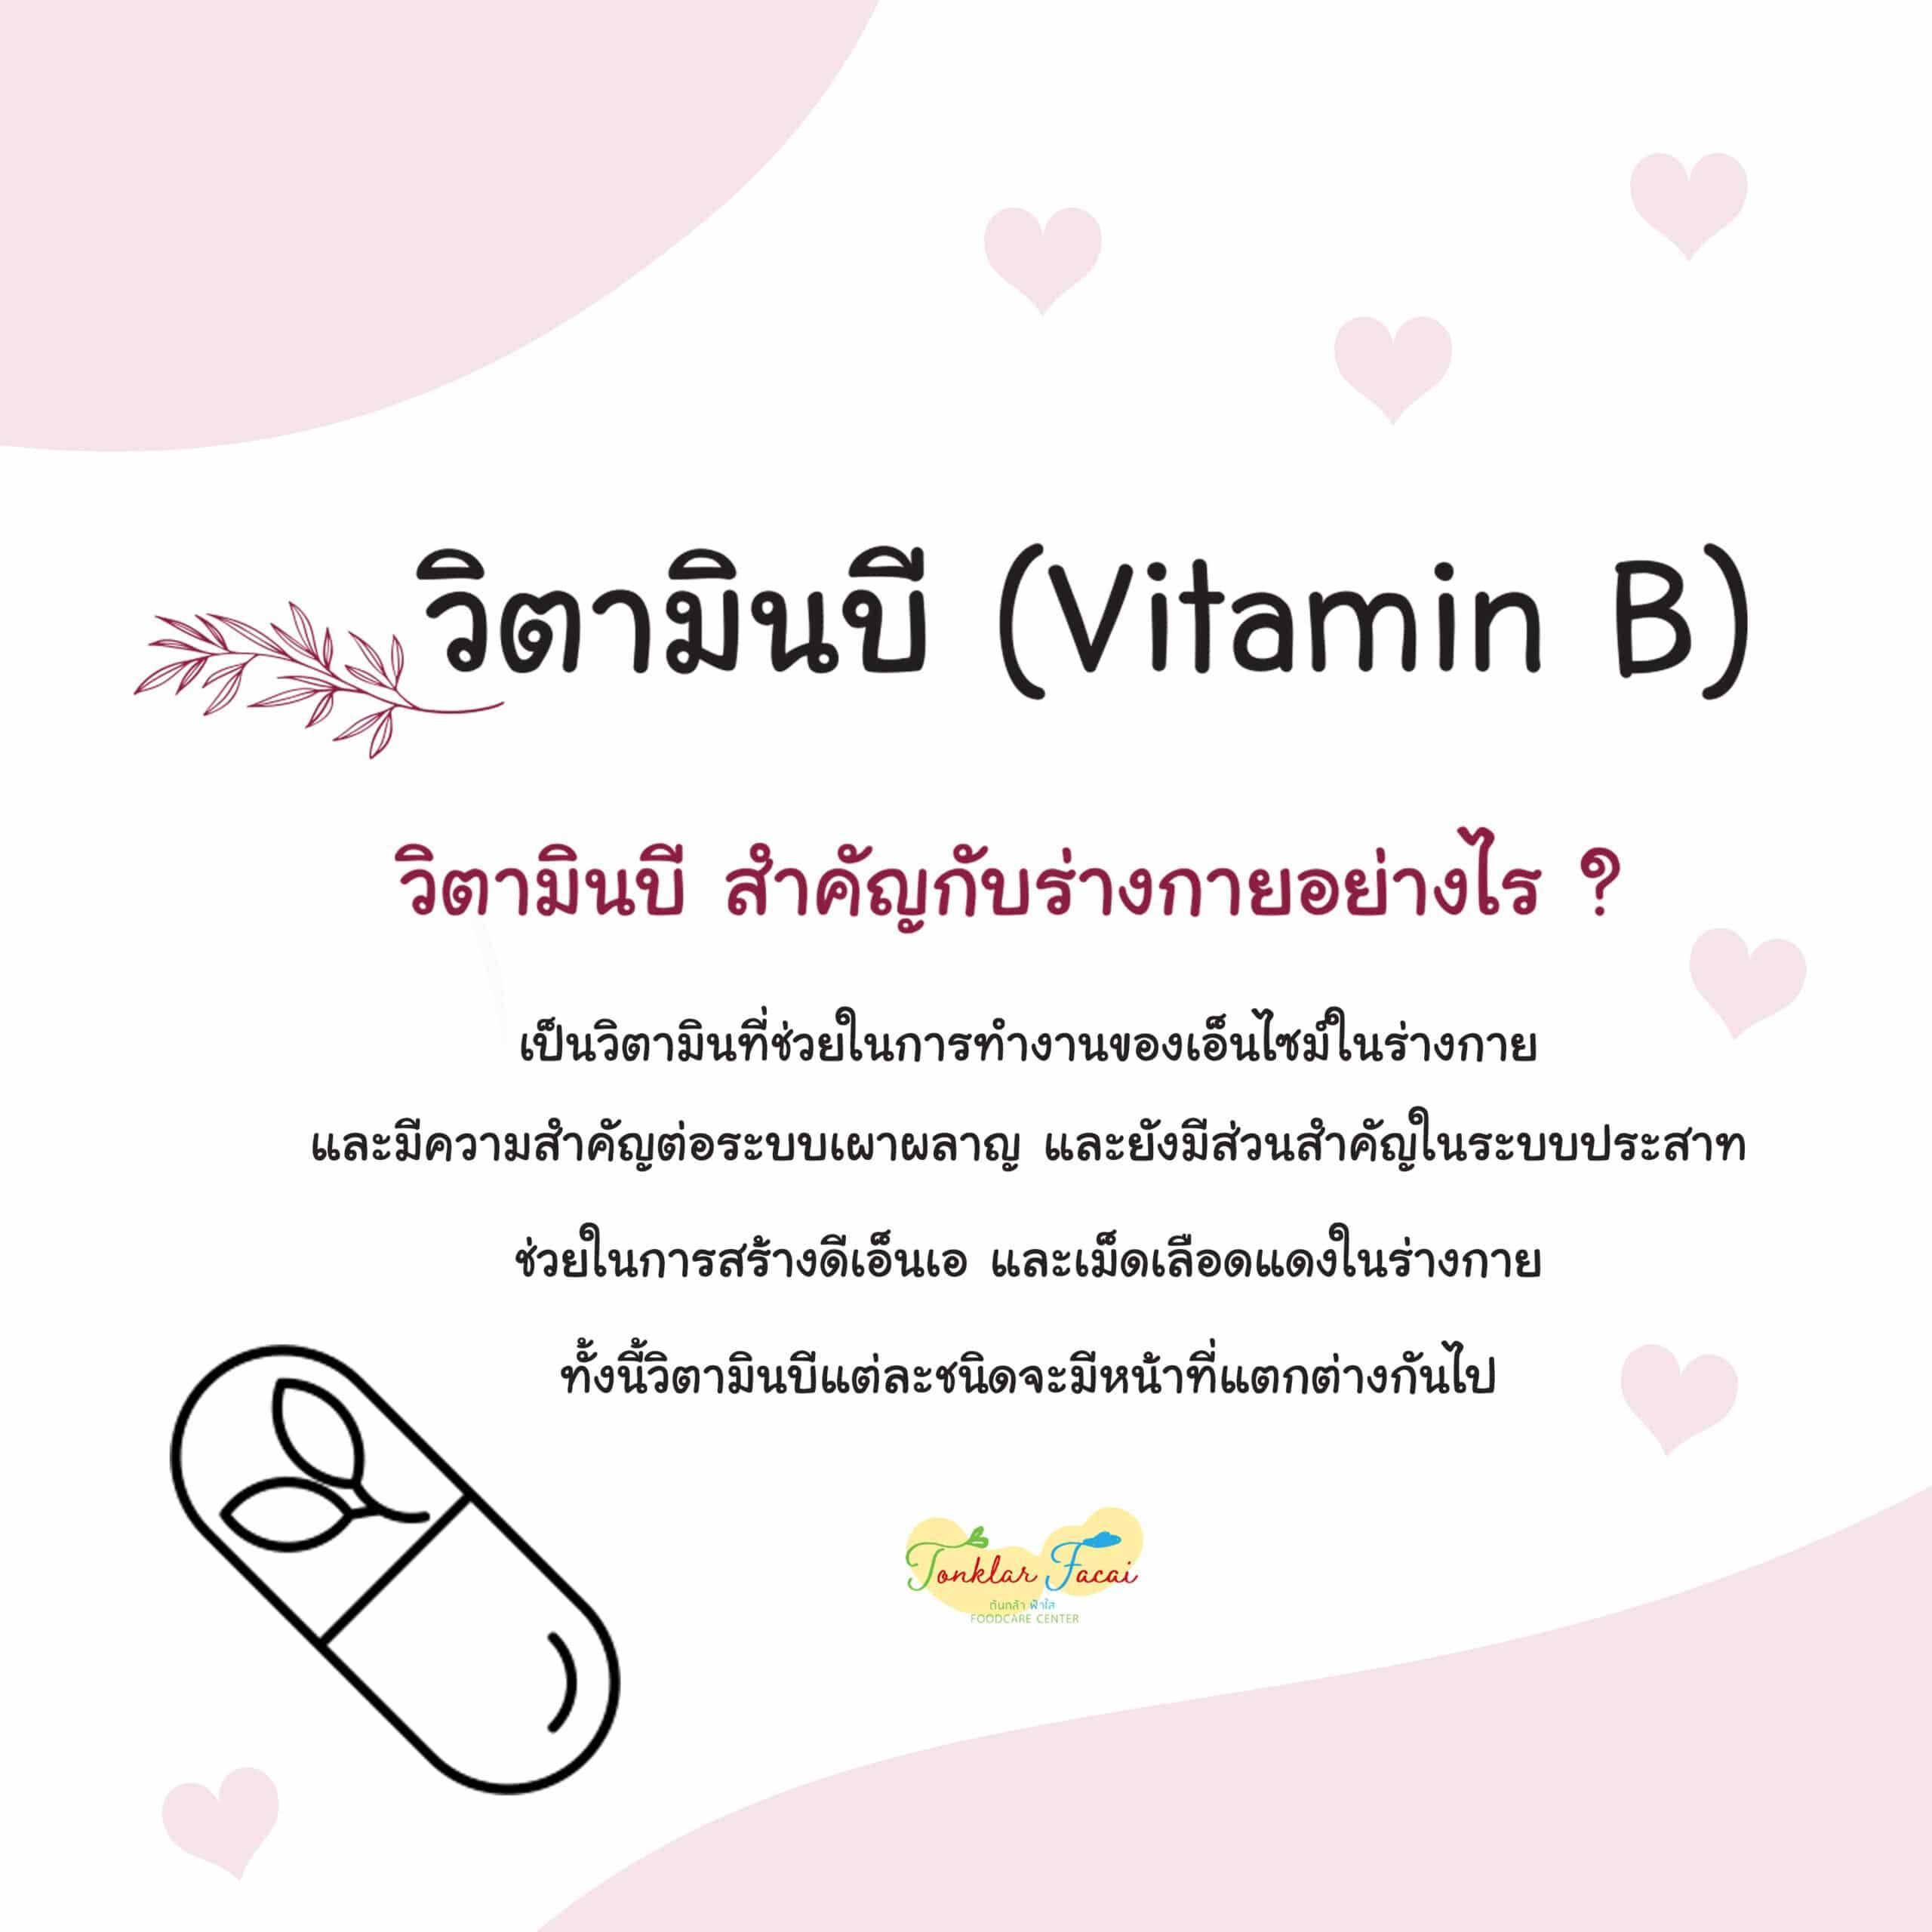 Vitamin B12 ดีต่อร่างกายอย่างไร ?